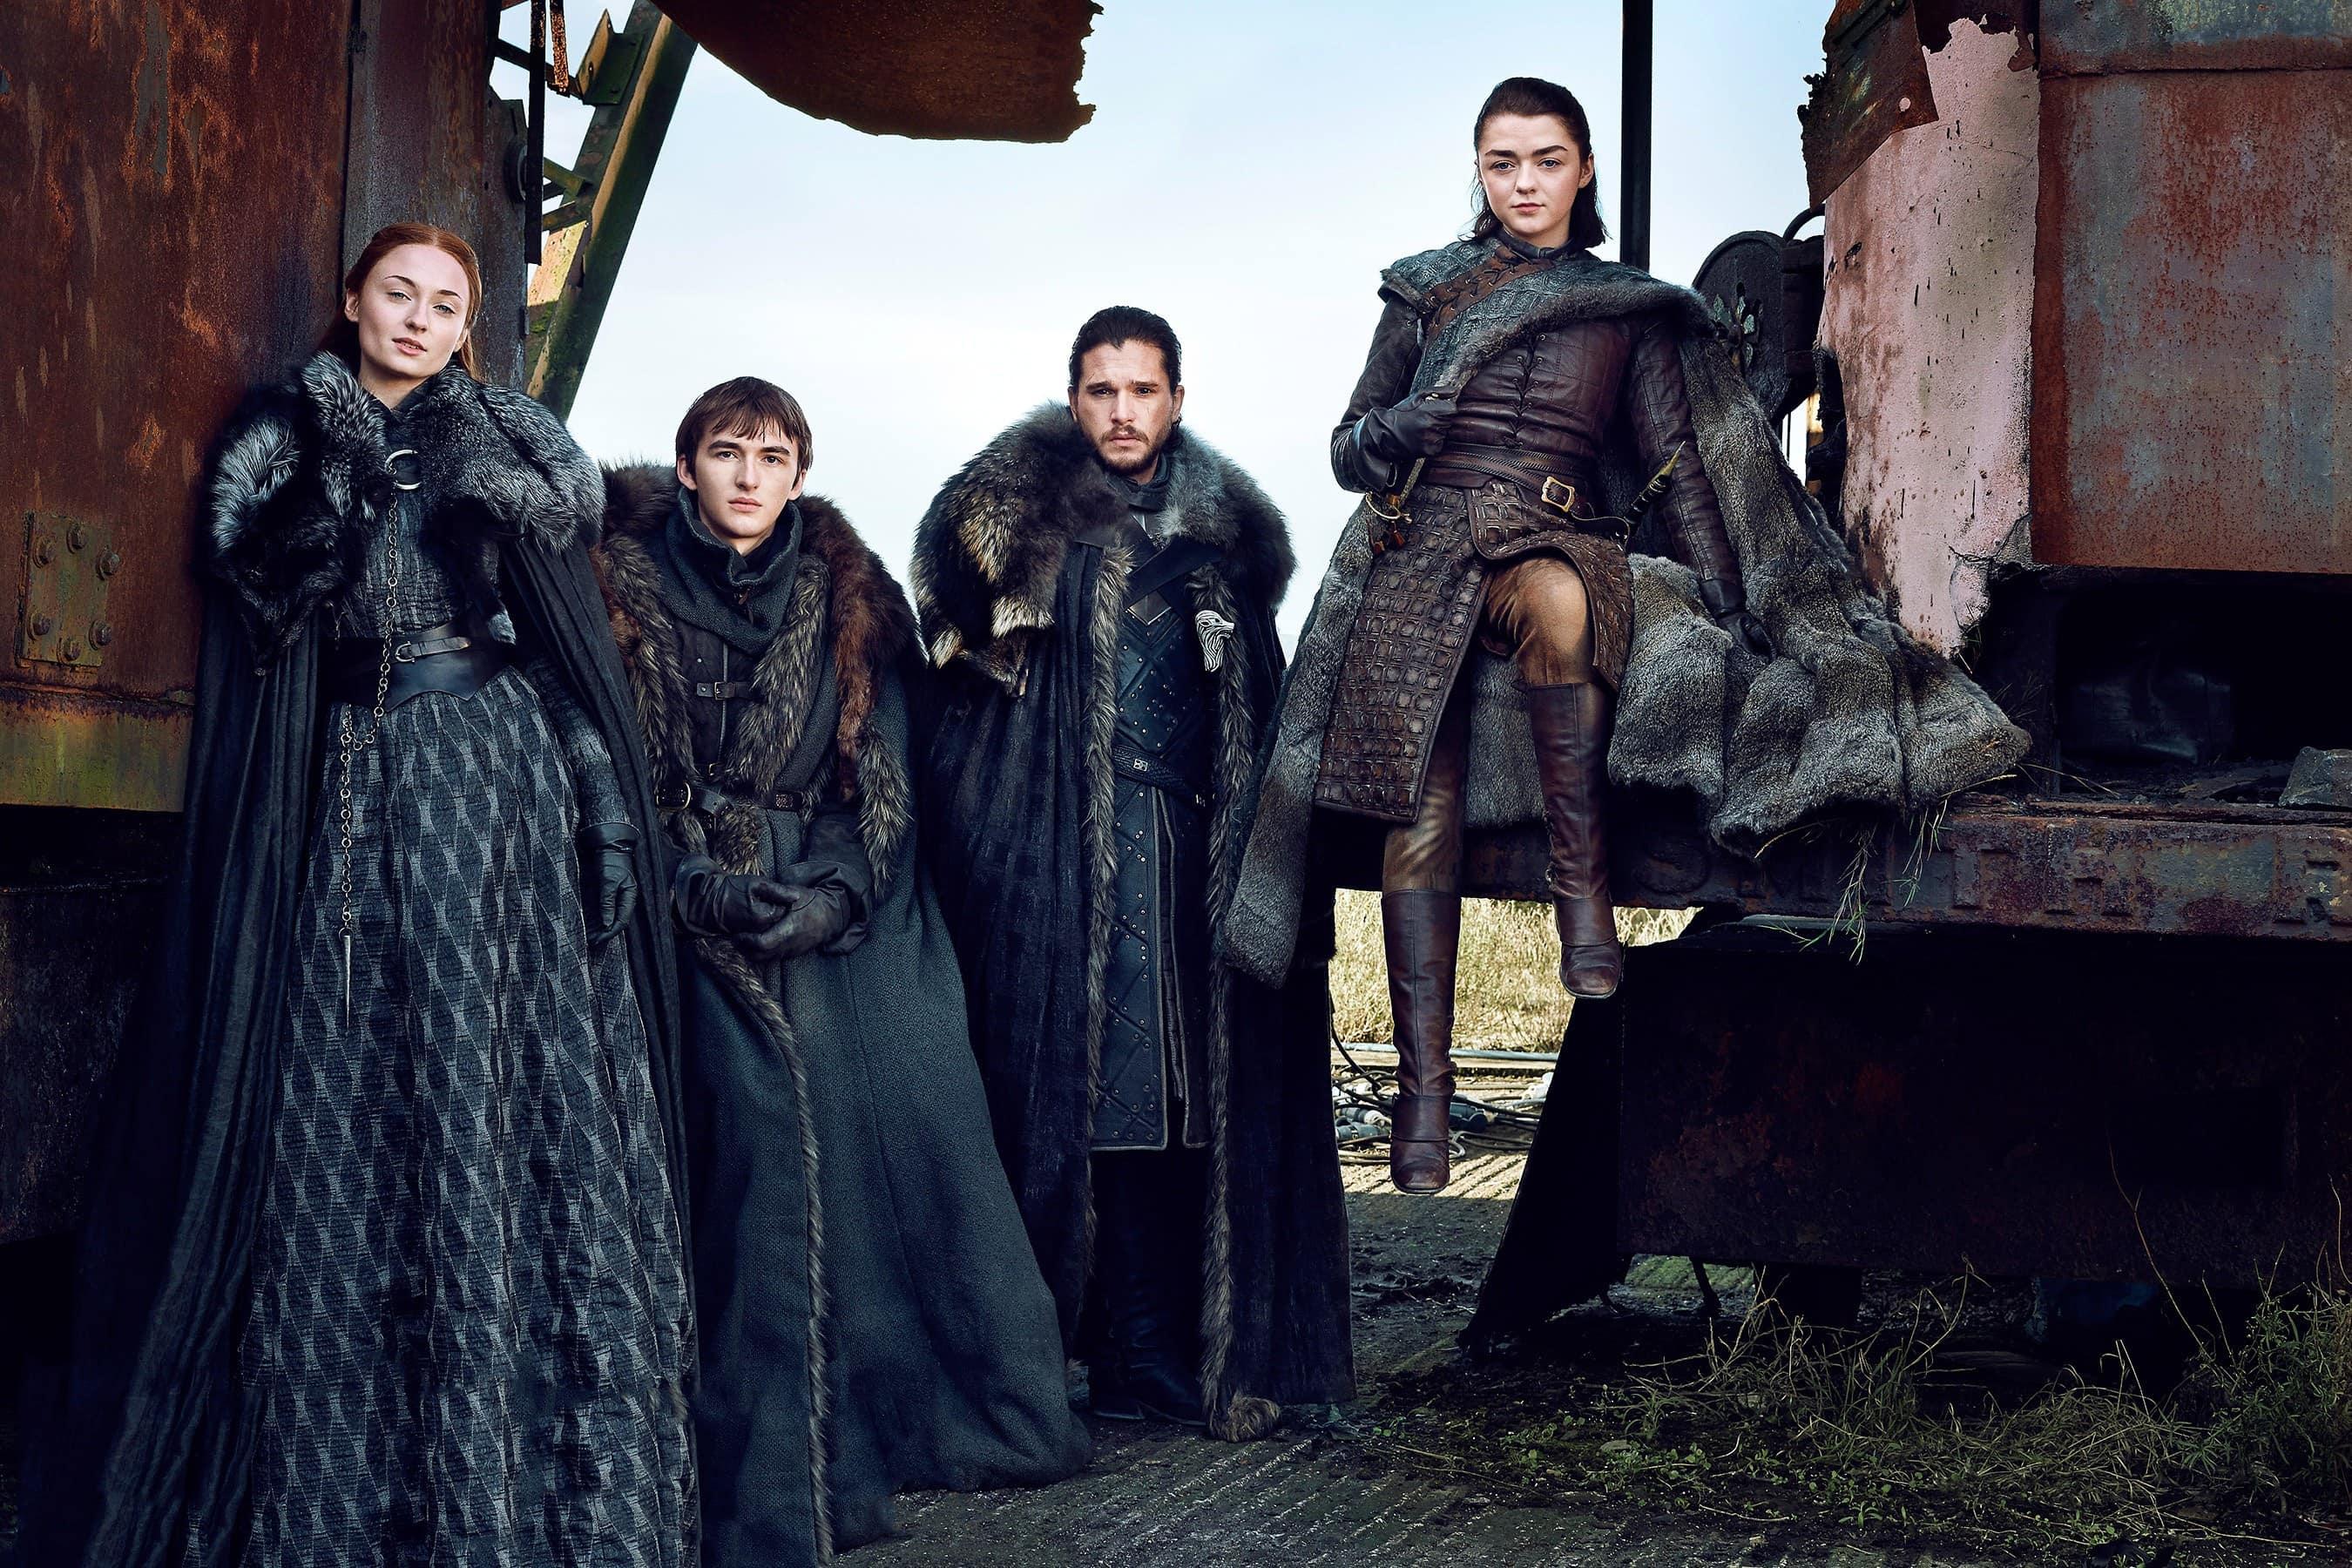 такое вся суть игры престолов на одной картинке хвастается нарядами